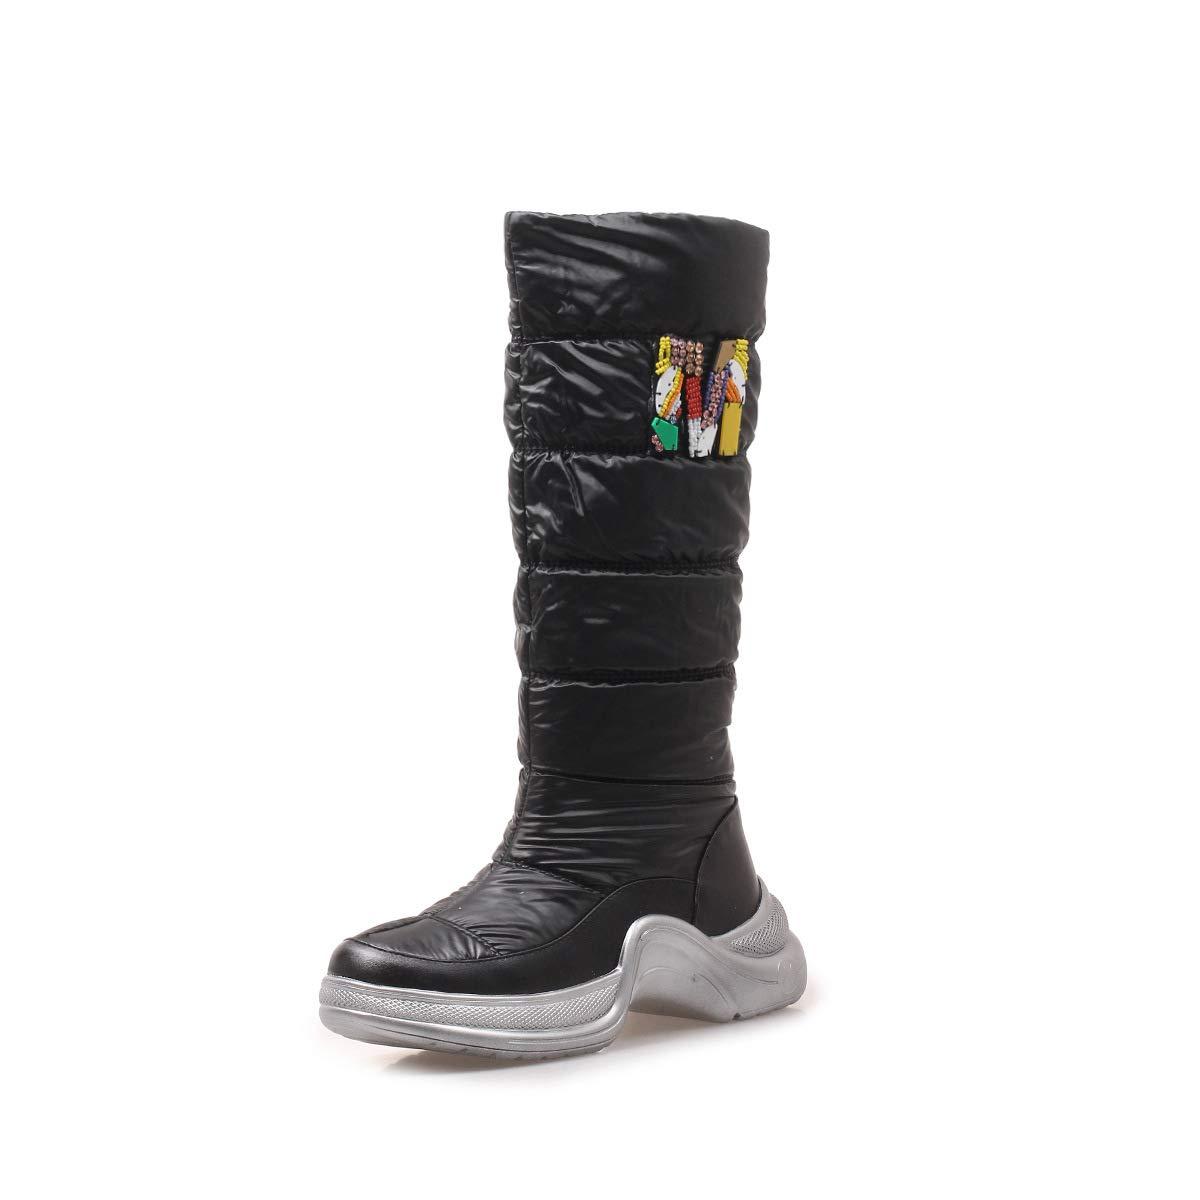 Hy 2018 Frauen Stiefel Winter Mode Sport Schnee Stiefel/Damen unten warm Winddicht Snowproof Winter Stiefel/Skifahren Schuhe Größe: 34-40 (Farbe : Schwarz, Größe : 40)